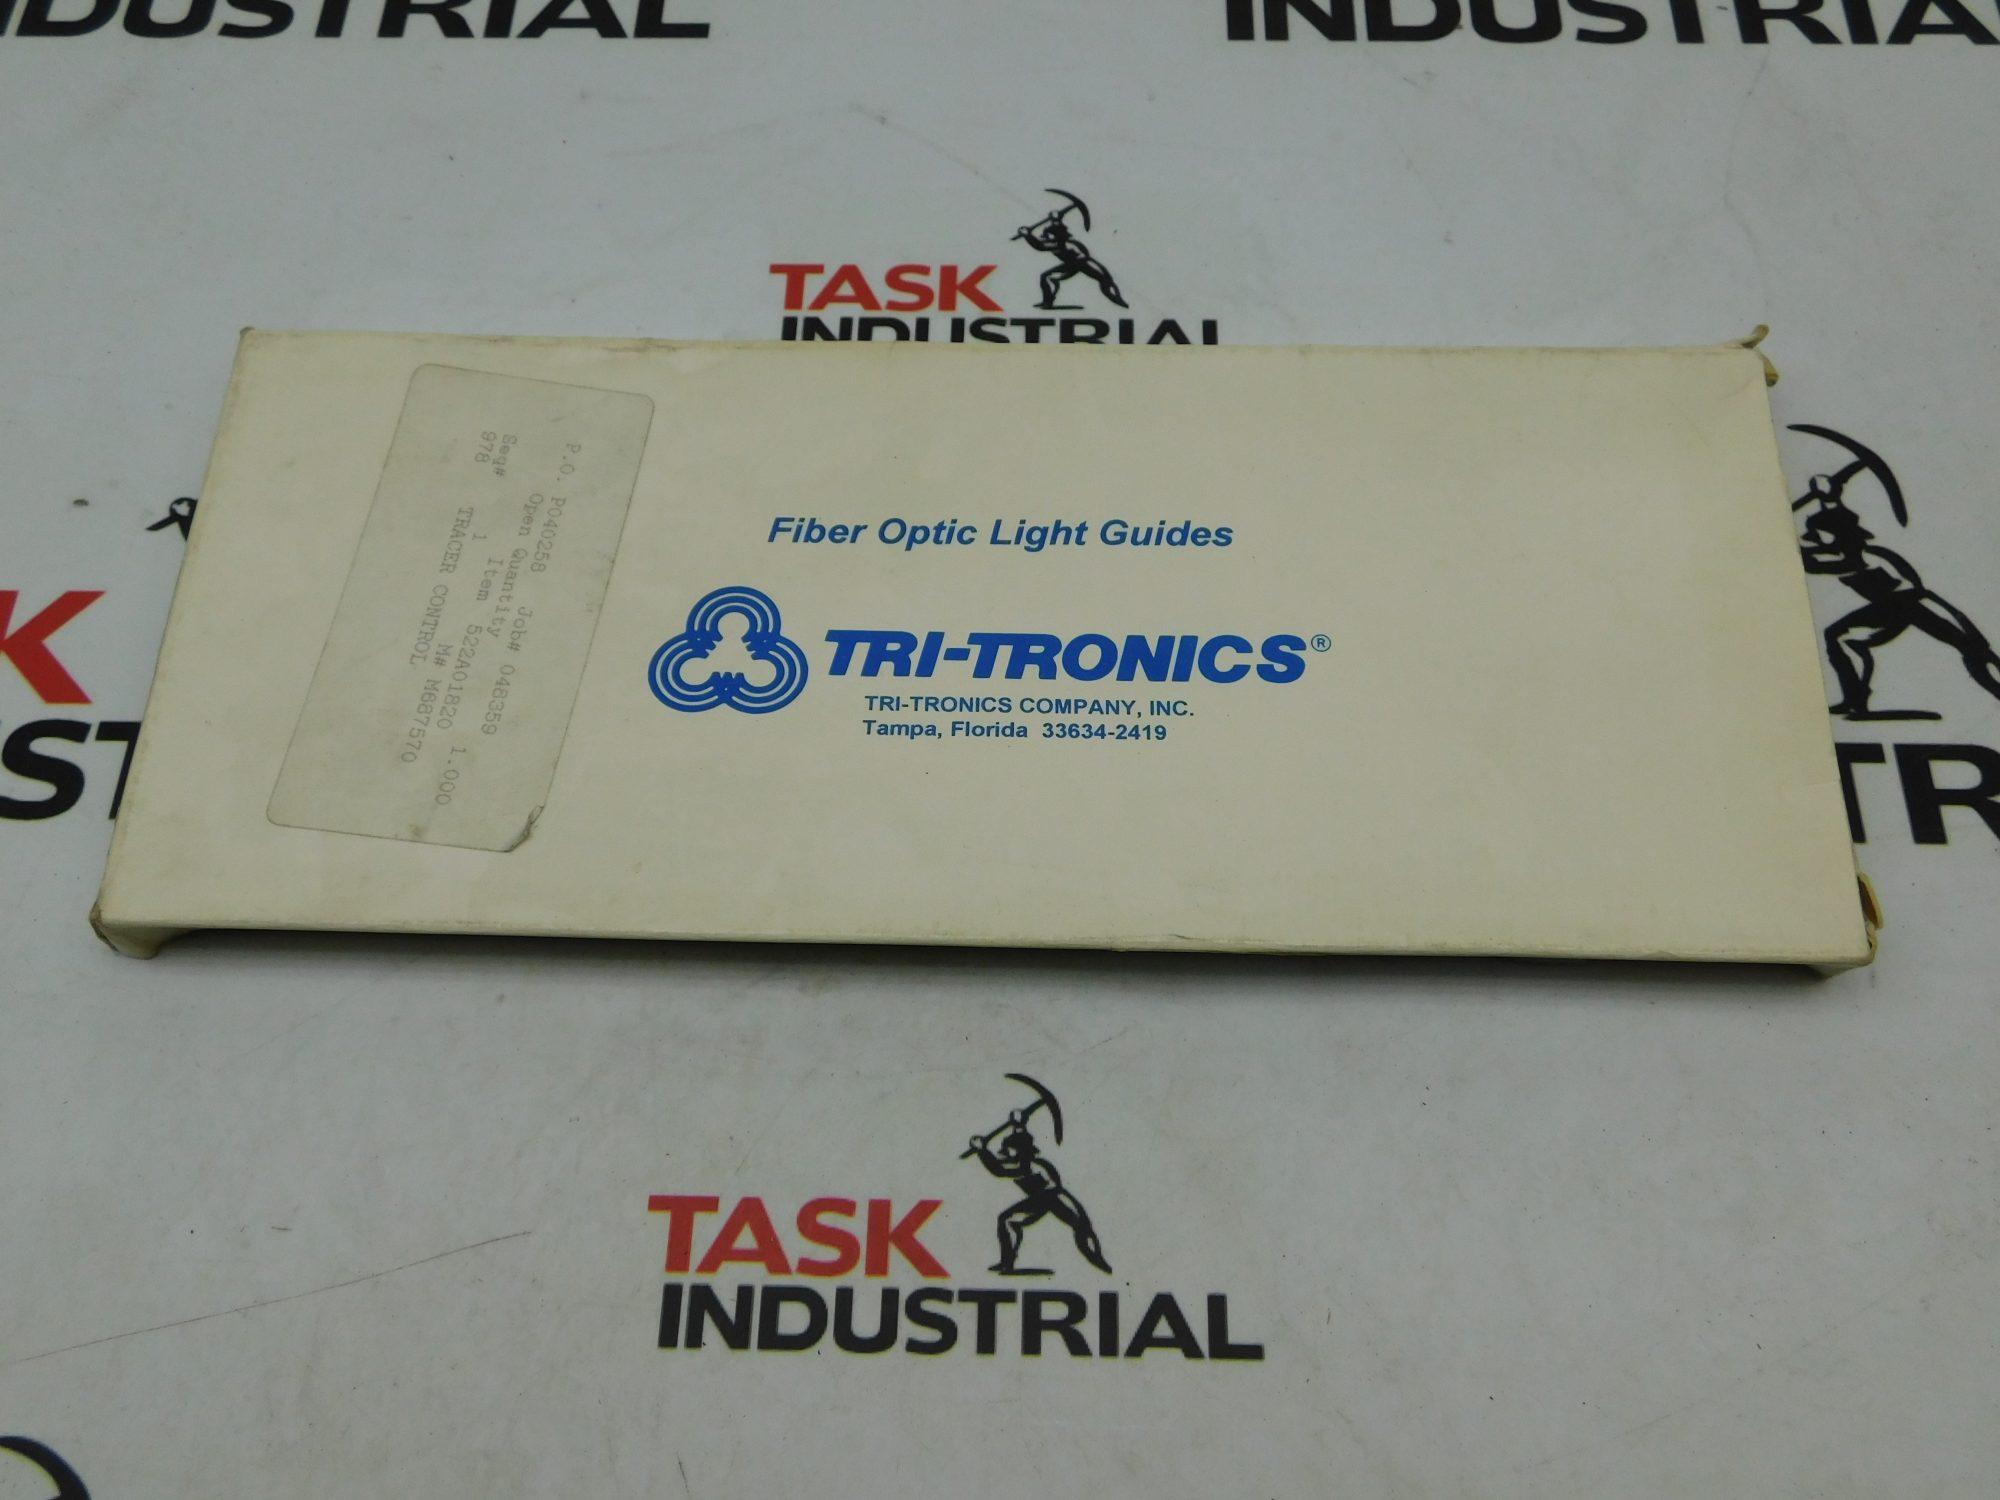 Tri-Tronics BF-J-72T Fiber Optic Light Guide